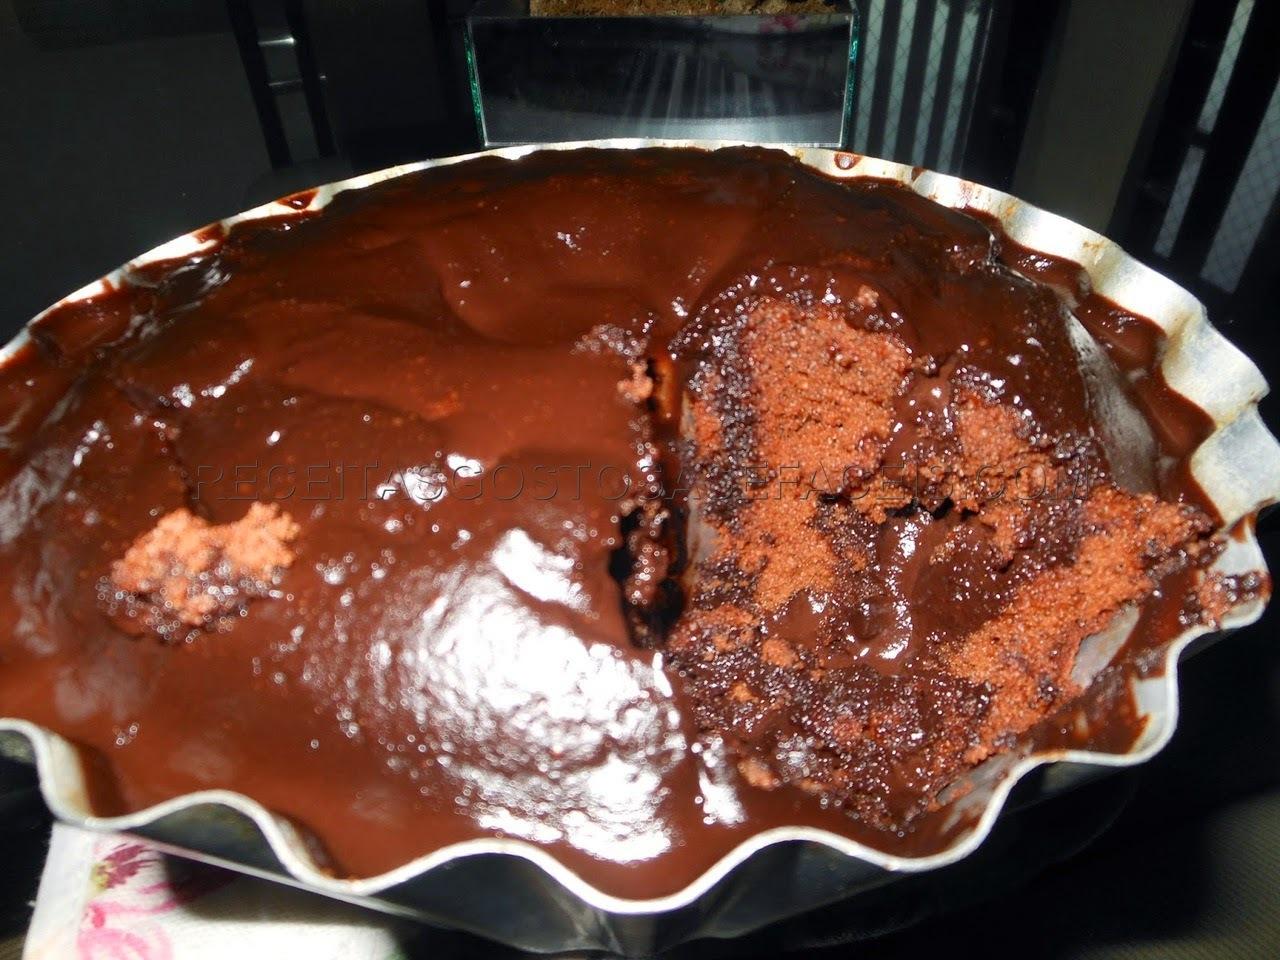 Bolo de chocolate com recheio e cobertura de chocolate